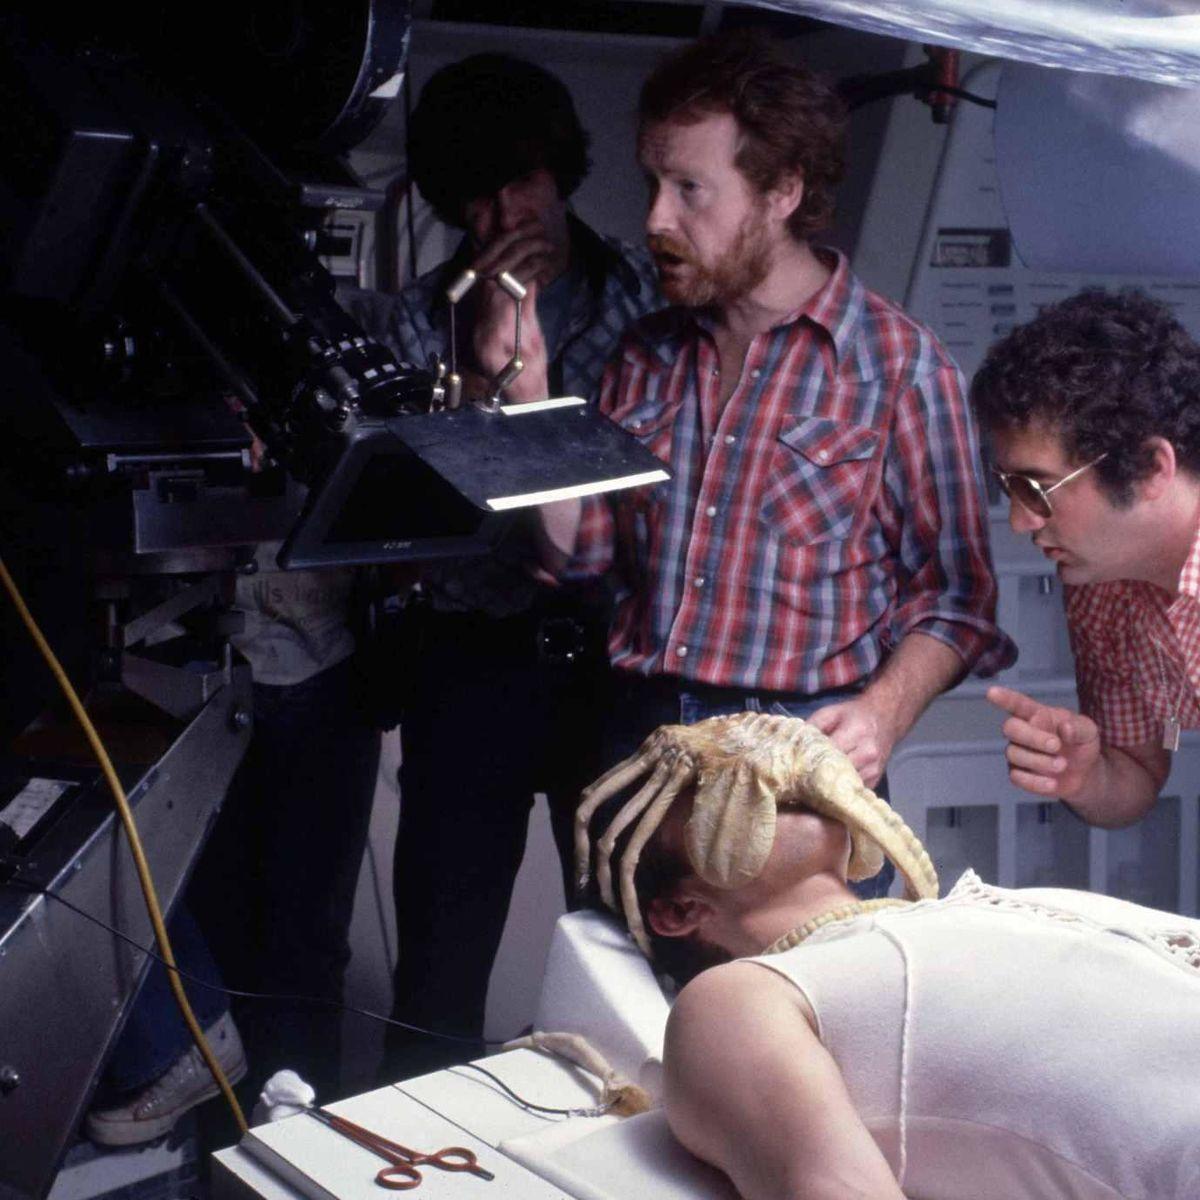 Alien-Ridley-Scott-Face-Hugger_0.jpg